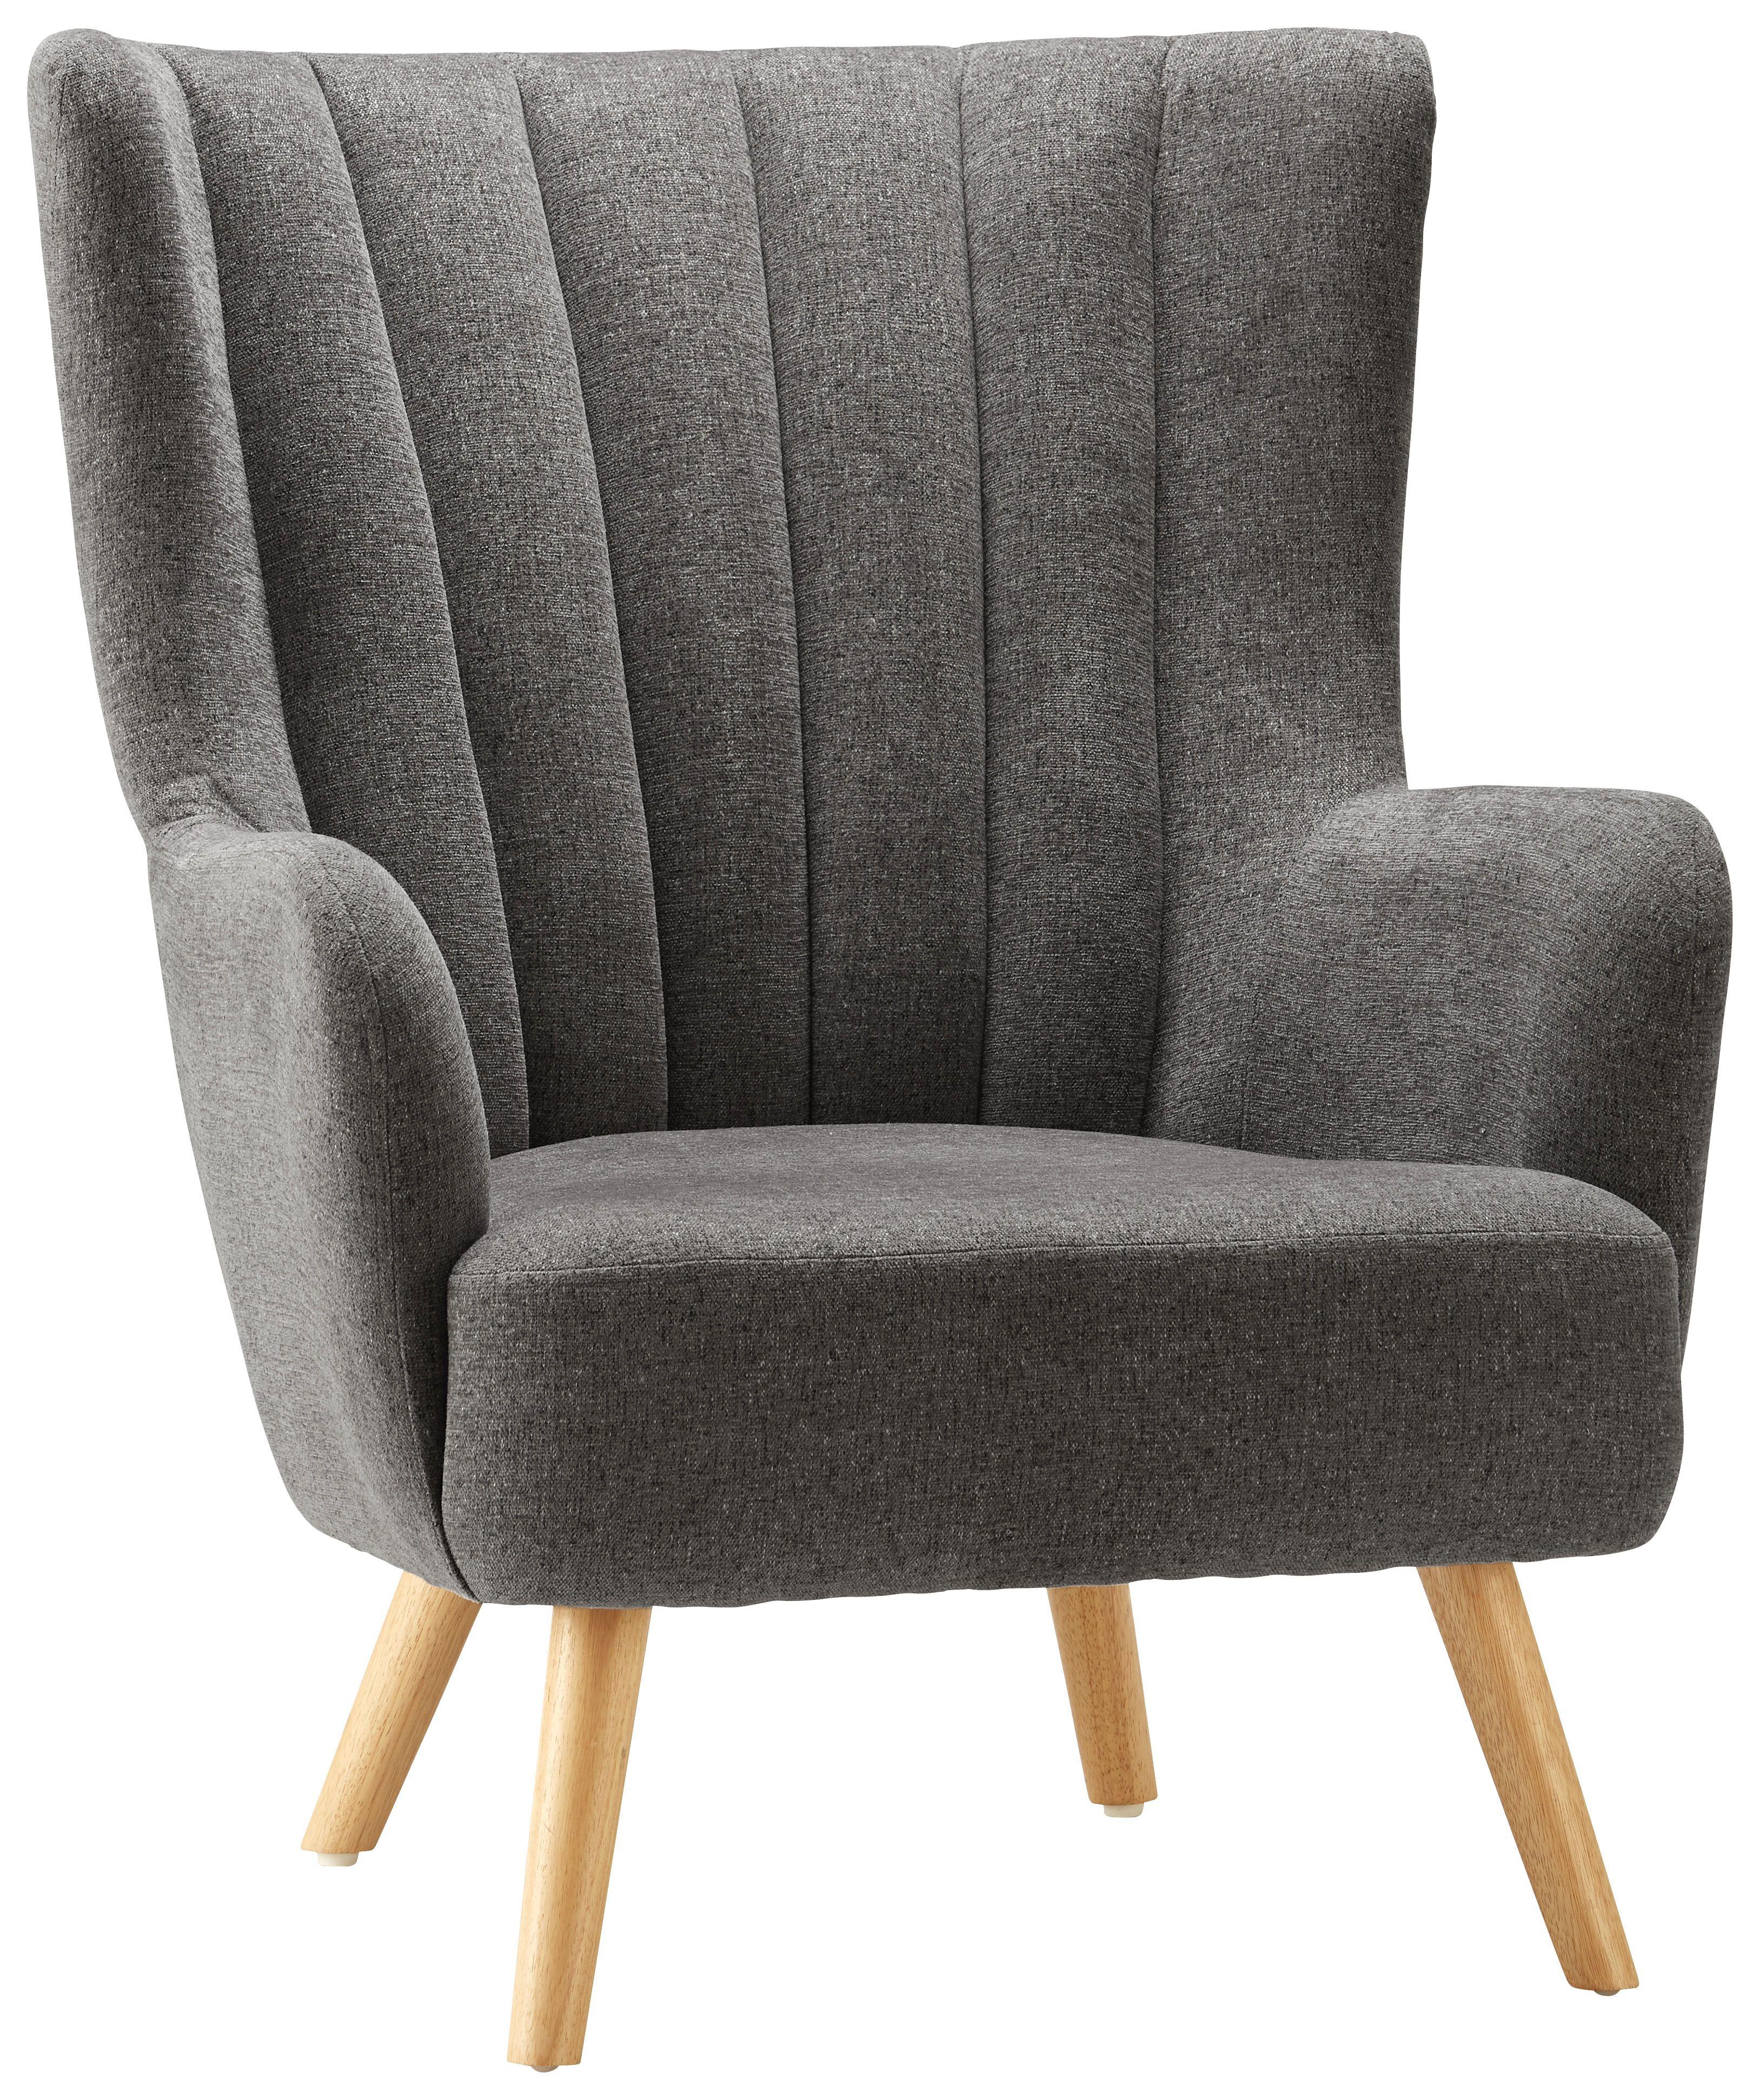 Gemütlicher Sessel In Hellgrau Gemütlicher Sessel Wohnzimmer Sessel Sessel